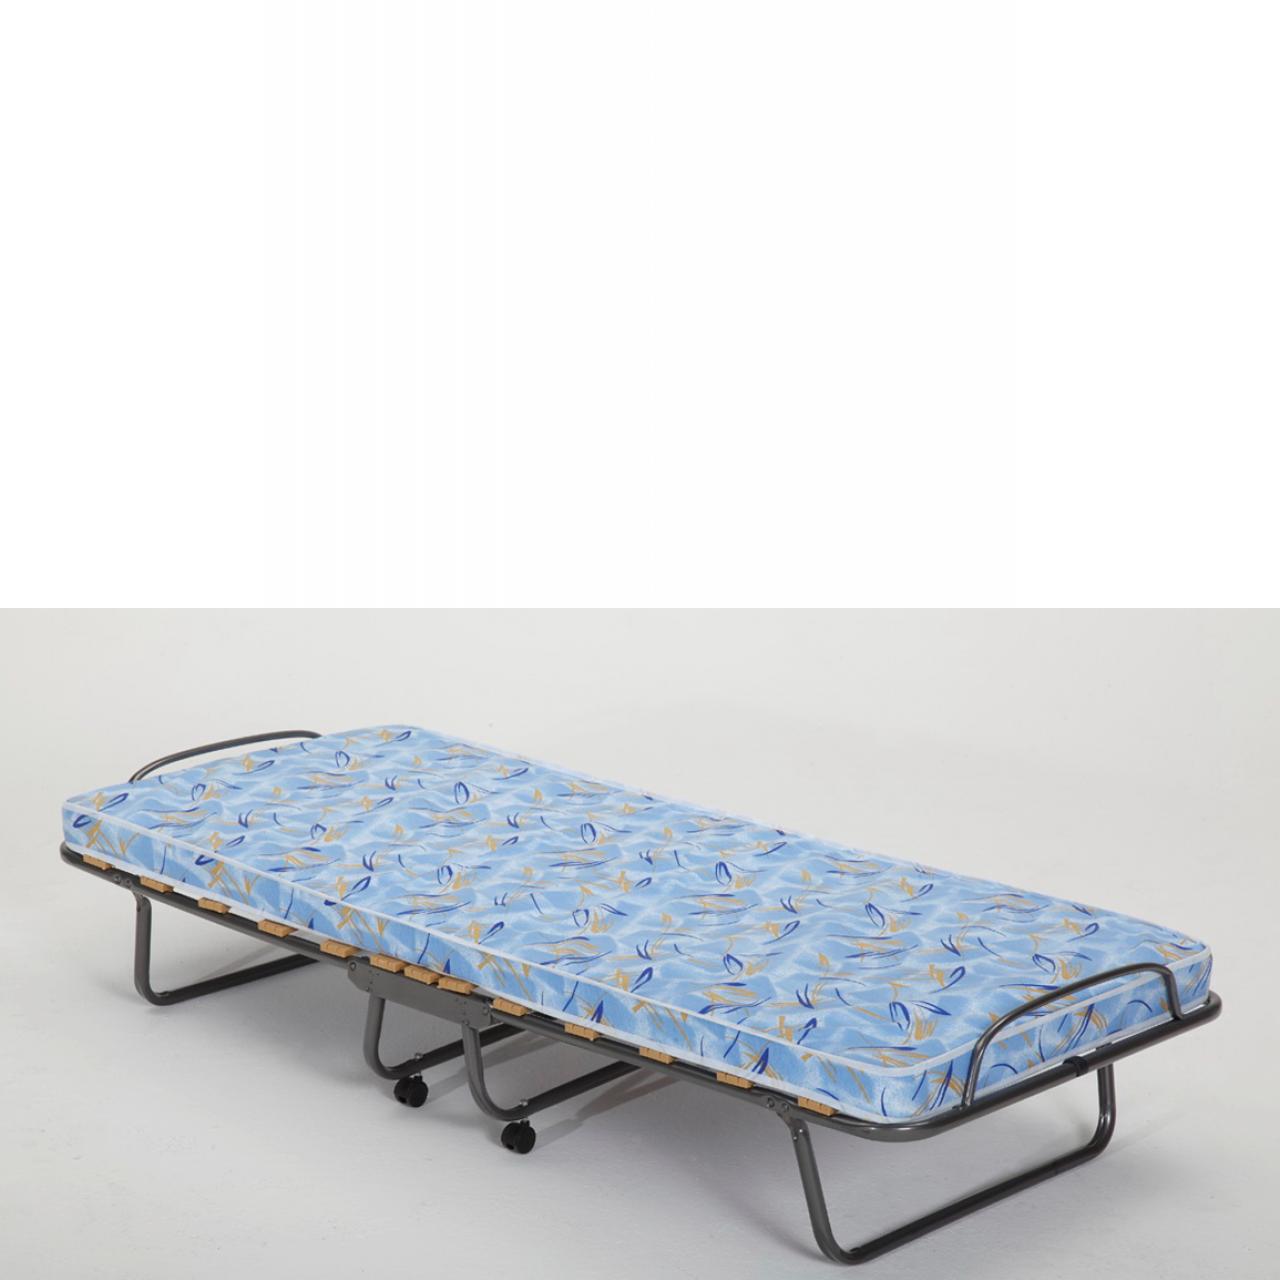 Raumsparbett Odessa Blau 80x190 cm Gästebett Metallbett Reisebett mit Rollen